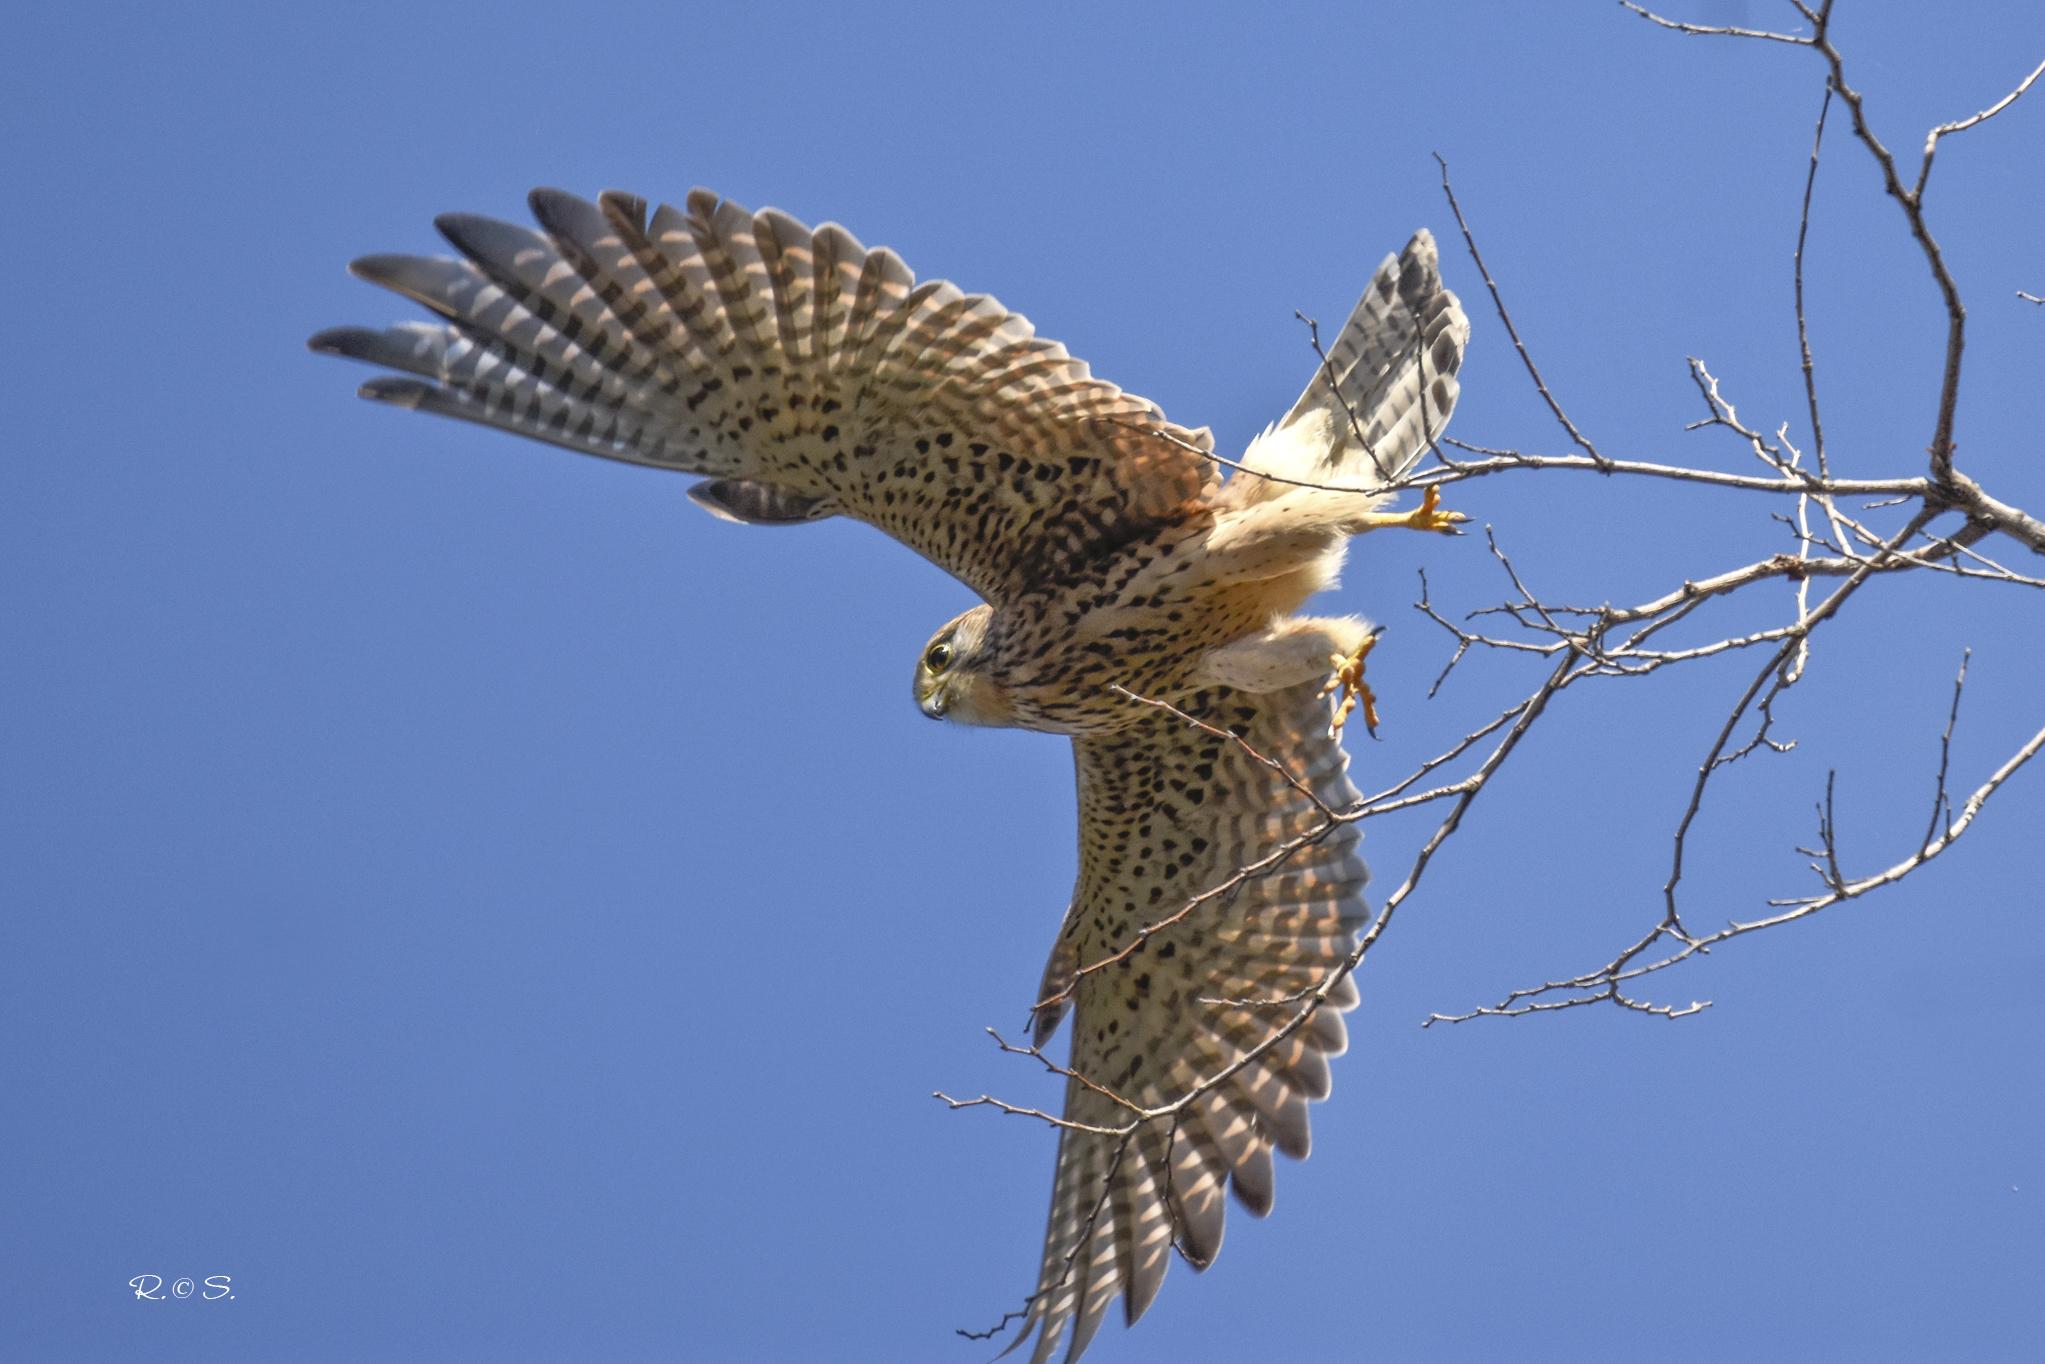 L'apertura alare del gheppio ripresa dal basso.